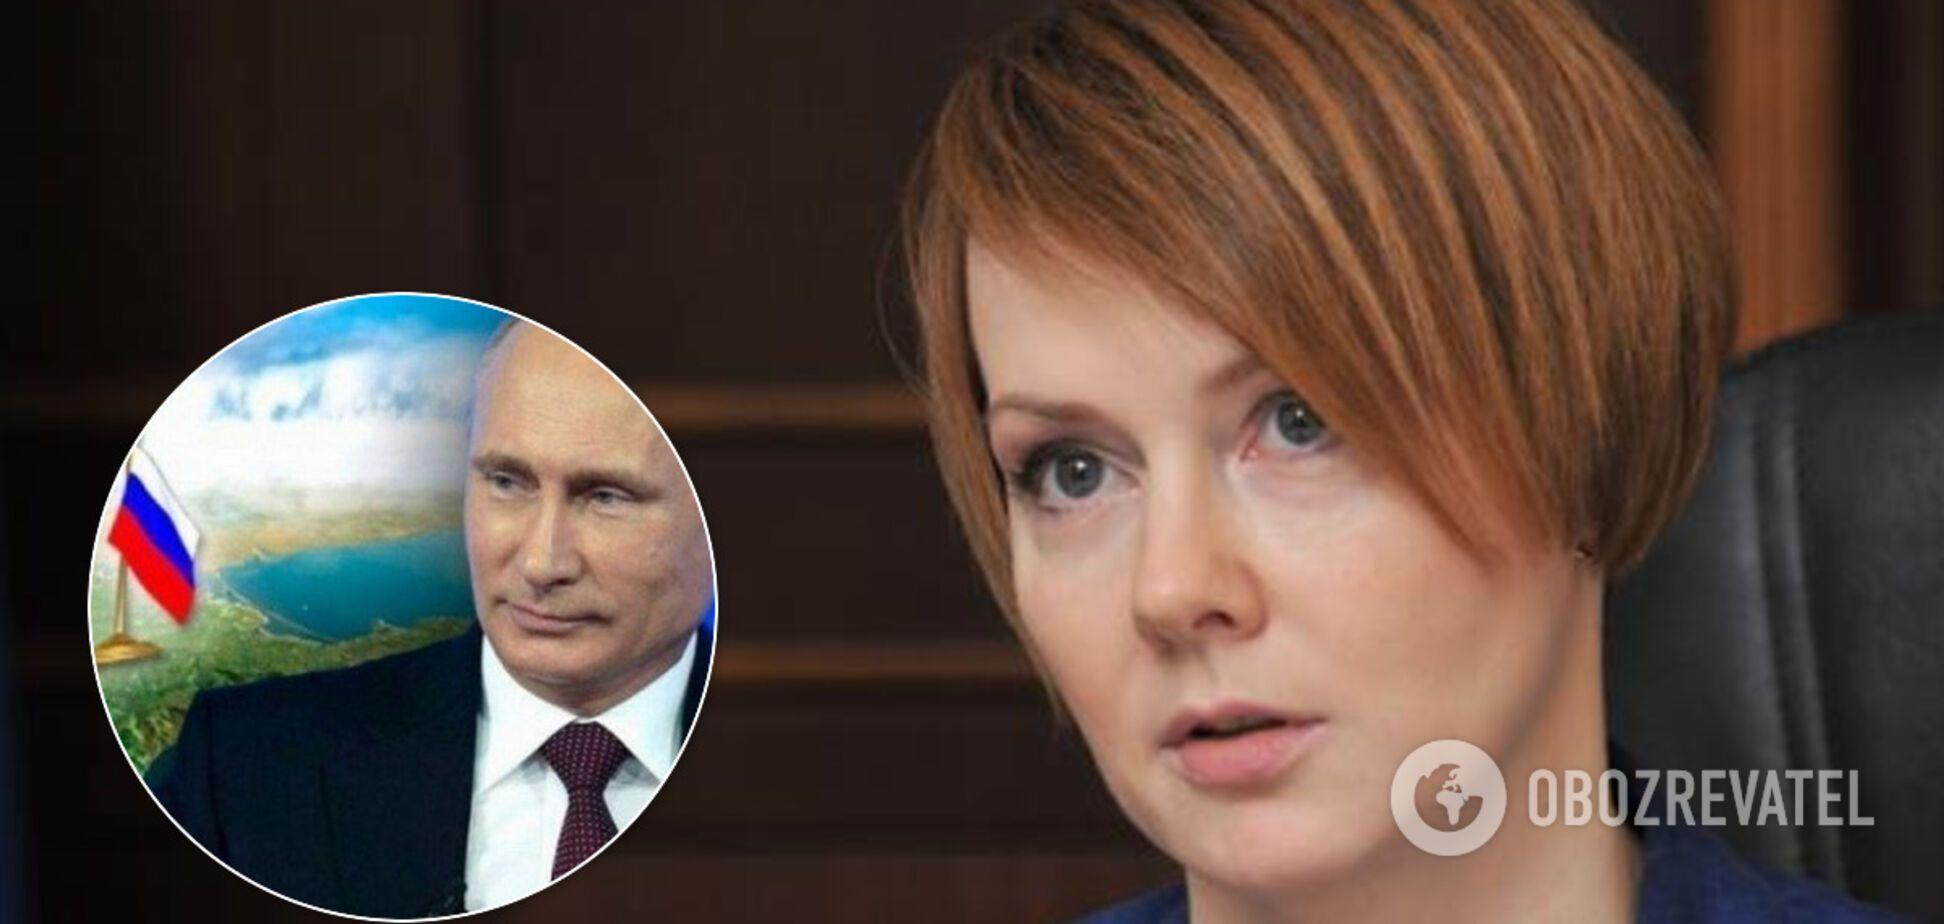 Путин приготовил ловушку, чтобы оставить себе Крым навсегда – Зеркаль